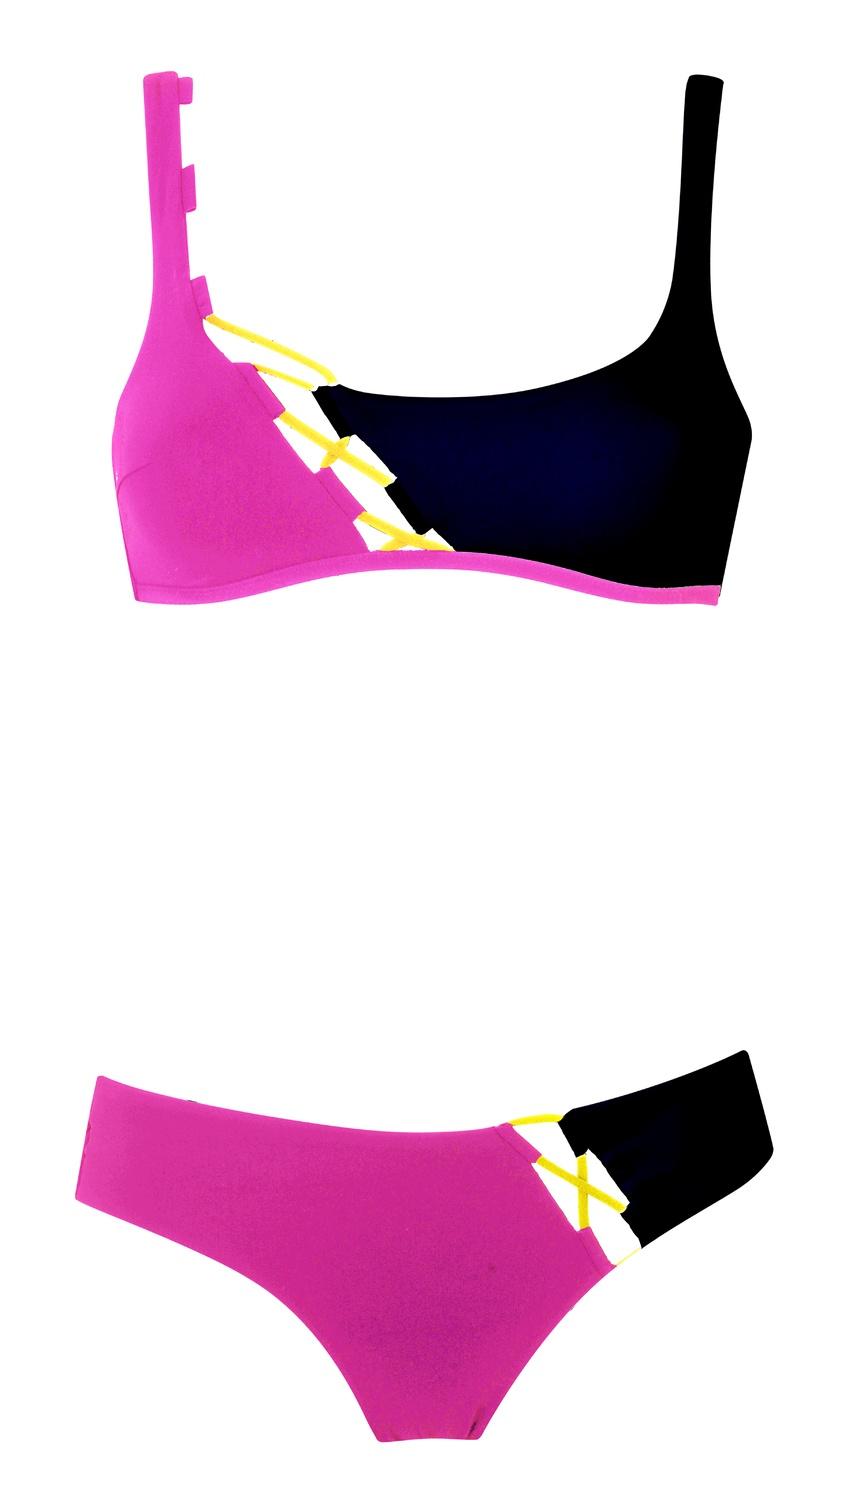 Бюстгальтер купальника JojoSale Бикини<br>Почувствуйте себя воплощением игривого, спортивного и сексуального стиля 80-х в Jojo. Бюстгальтер лаконичного силуэта создан из гладких панелей черного и розового цветов, соединенных желтой шнуровкой. Чашки с поддерживающими швами, косточки по бокам, регулируемые бретели и незаметная подкладка из тонкого тюля обеспечивают превосходную посадку по фигуре. Завязка сзади завершает образ. Сочетайте с плавками Jojo.<br><br>Возраст: Взрослый<br>Размер AP: M (3 AP)<br>Цвет: розовый<br>Пол: Женское<br>Материал: черная: 76% полиамид 24% эластан розовая: 81% полиамид 19% эластан сеточка: 100% полиамид